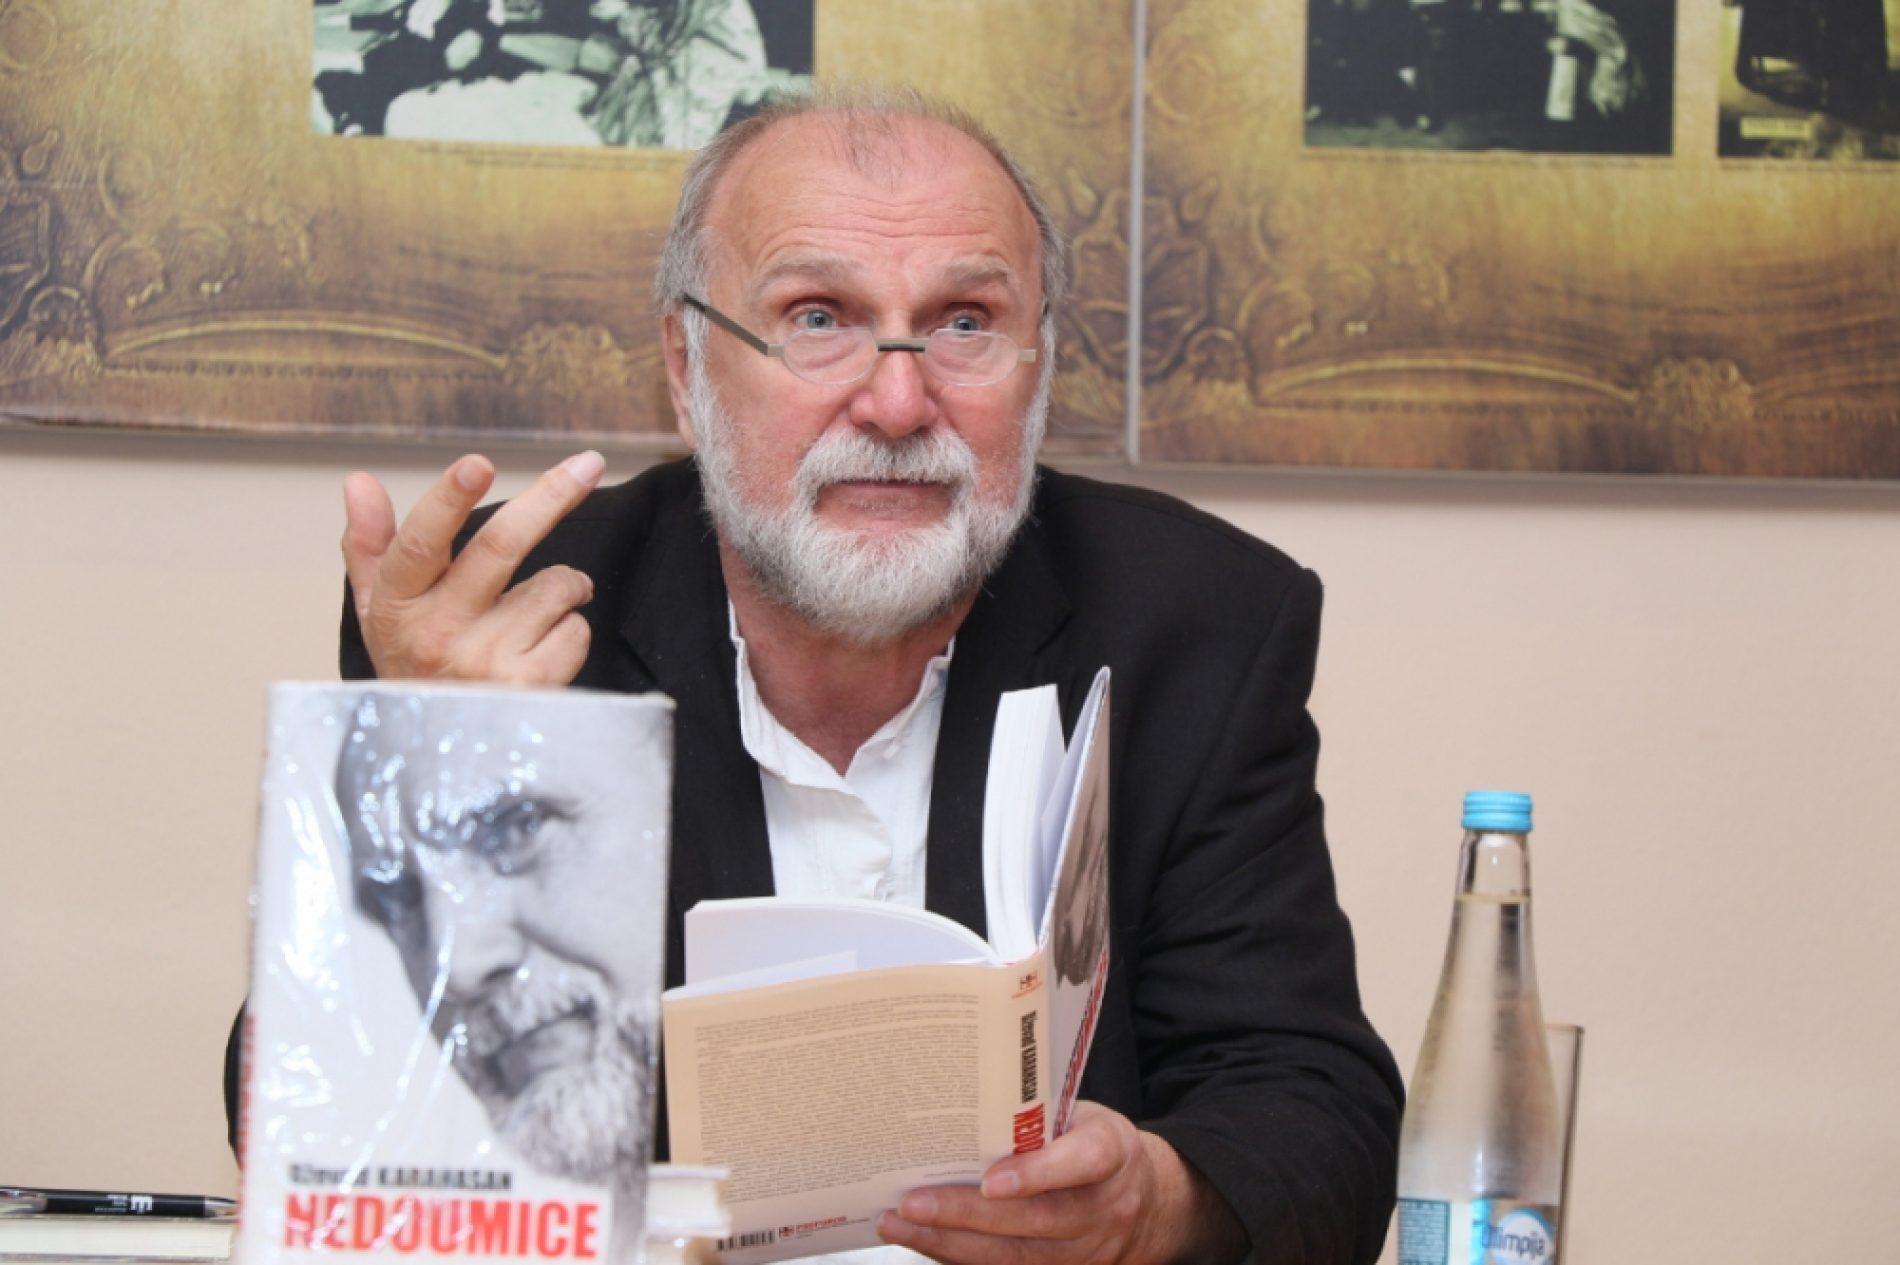 """Predstavljena knjiga eseja """"Nedoumice"""" Dževada Karahasana"""